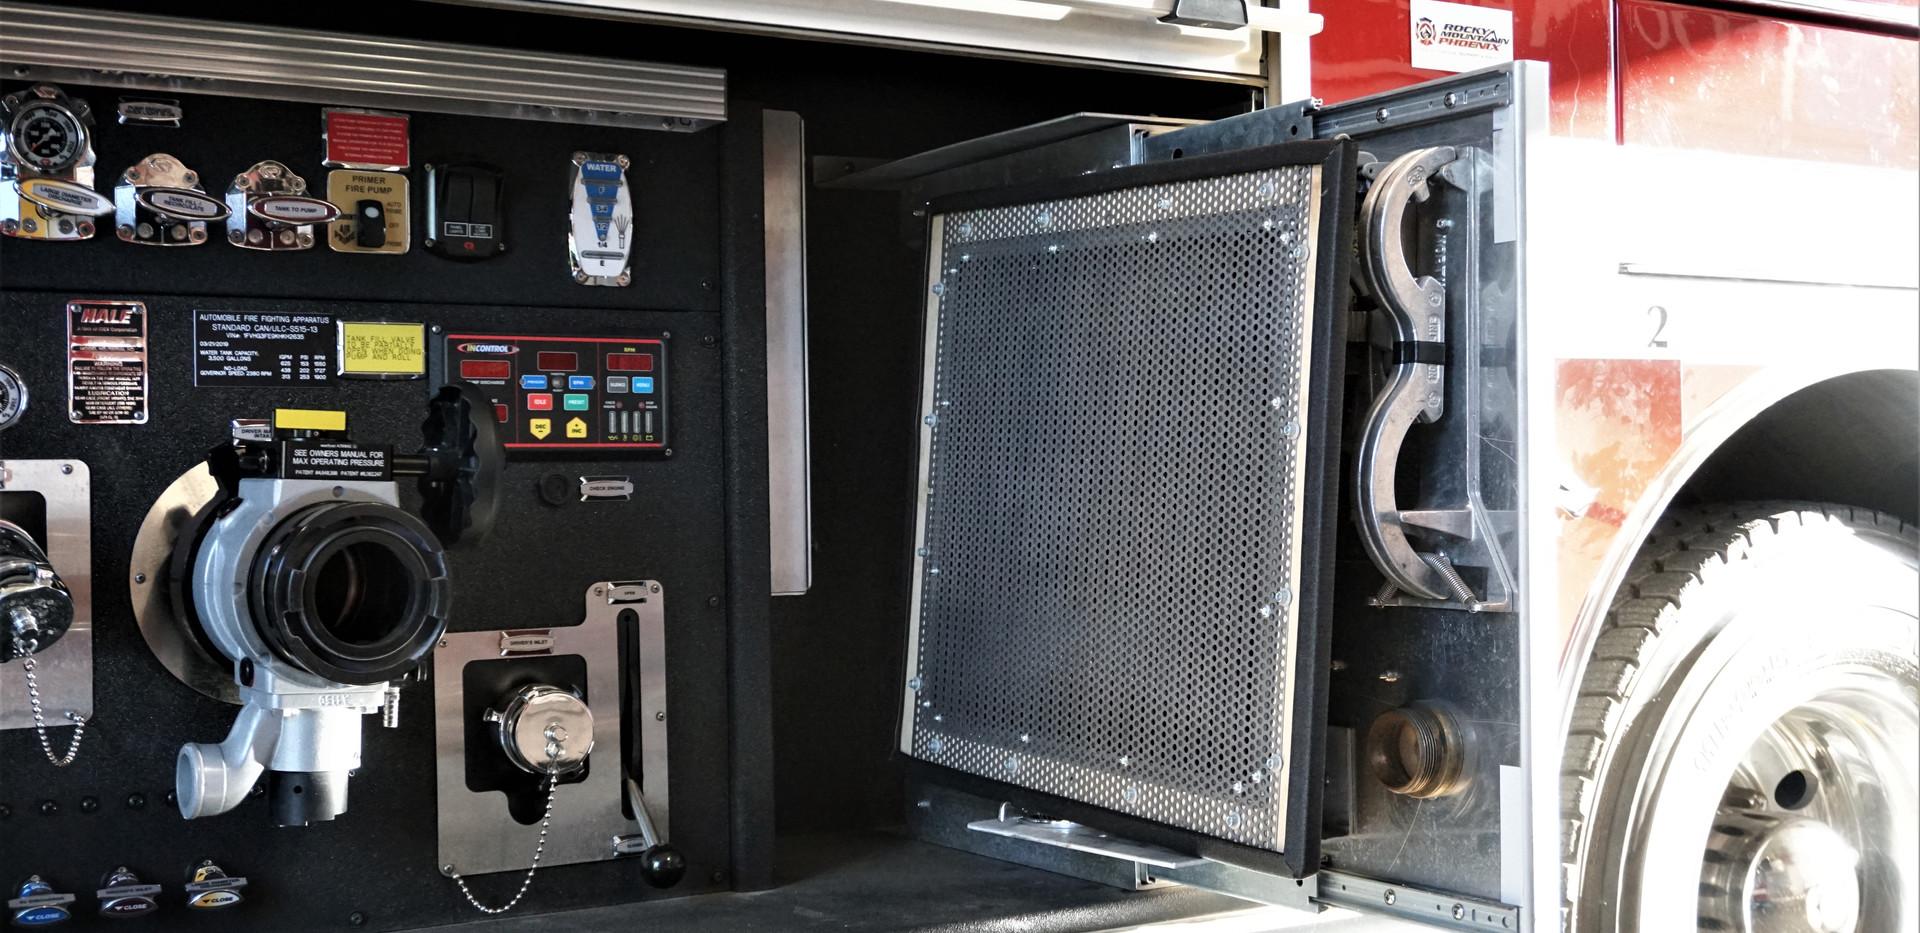 ZeroSound panel in a firetruck